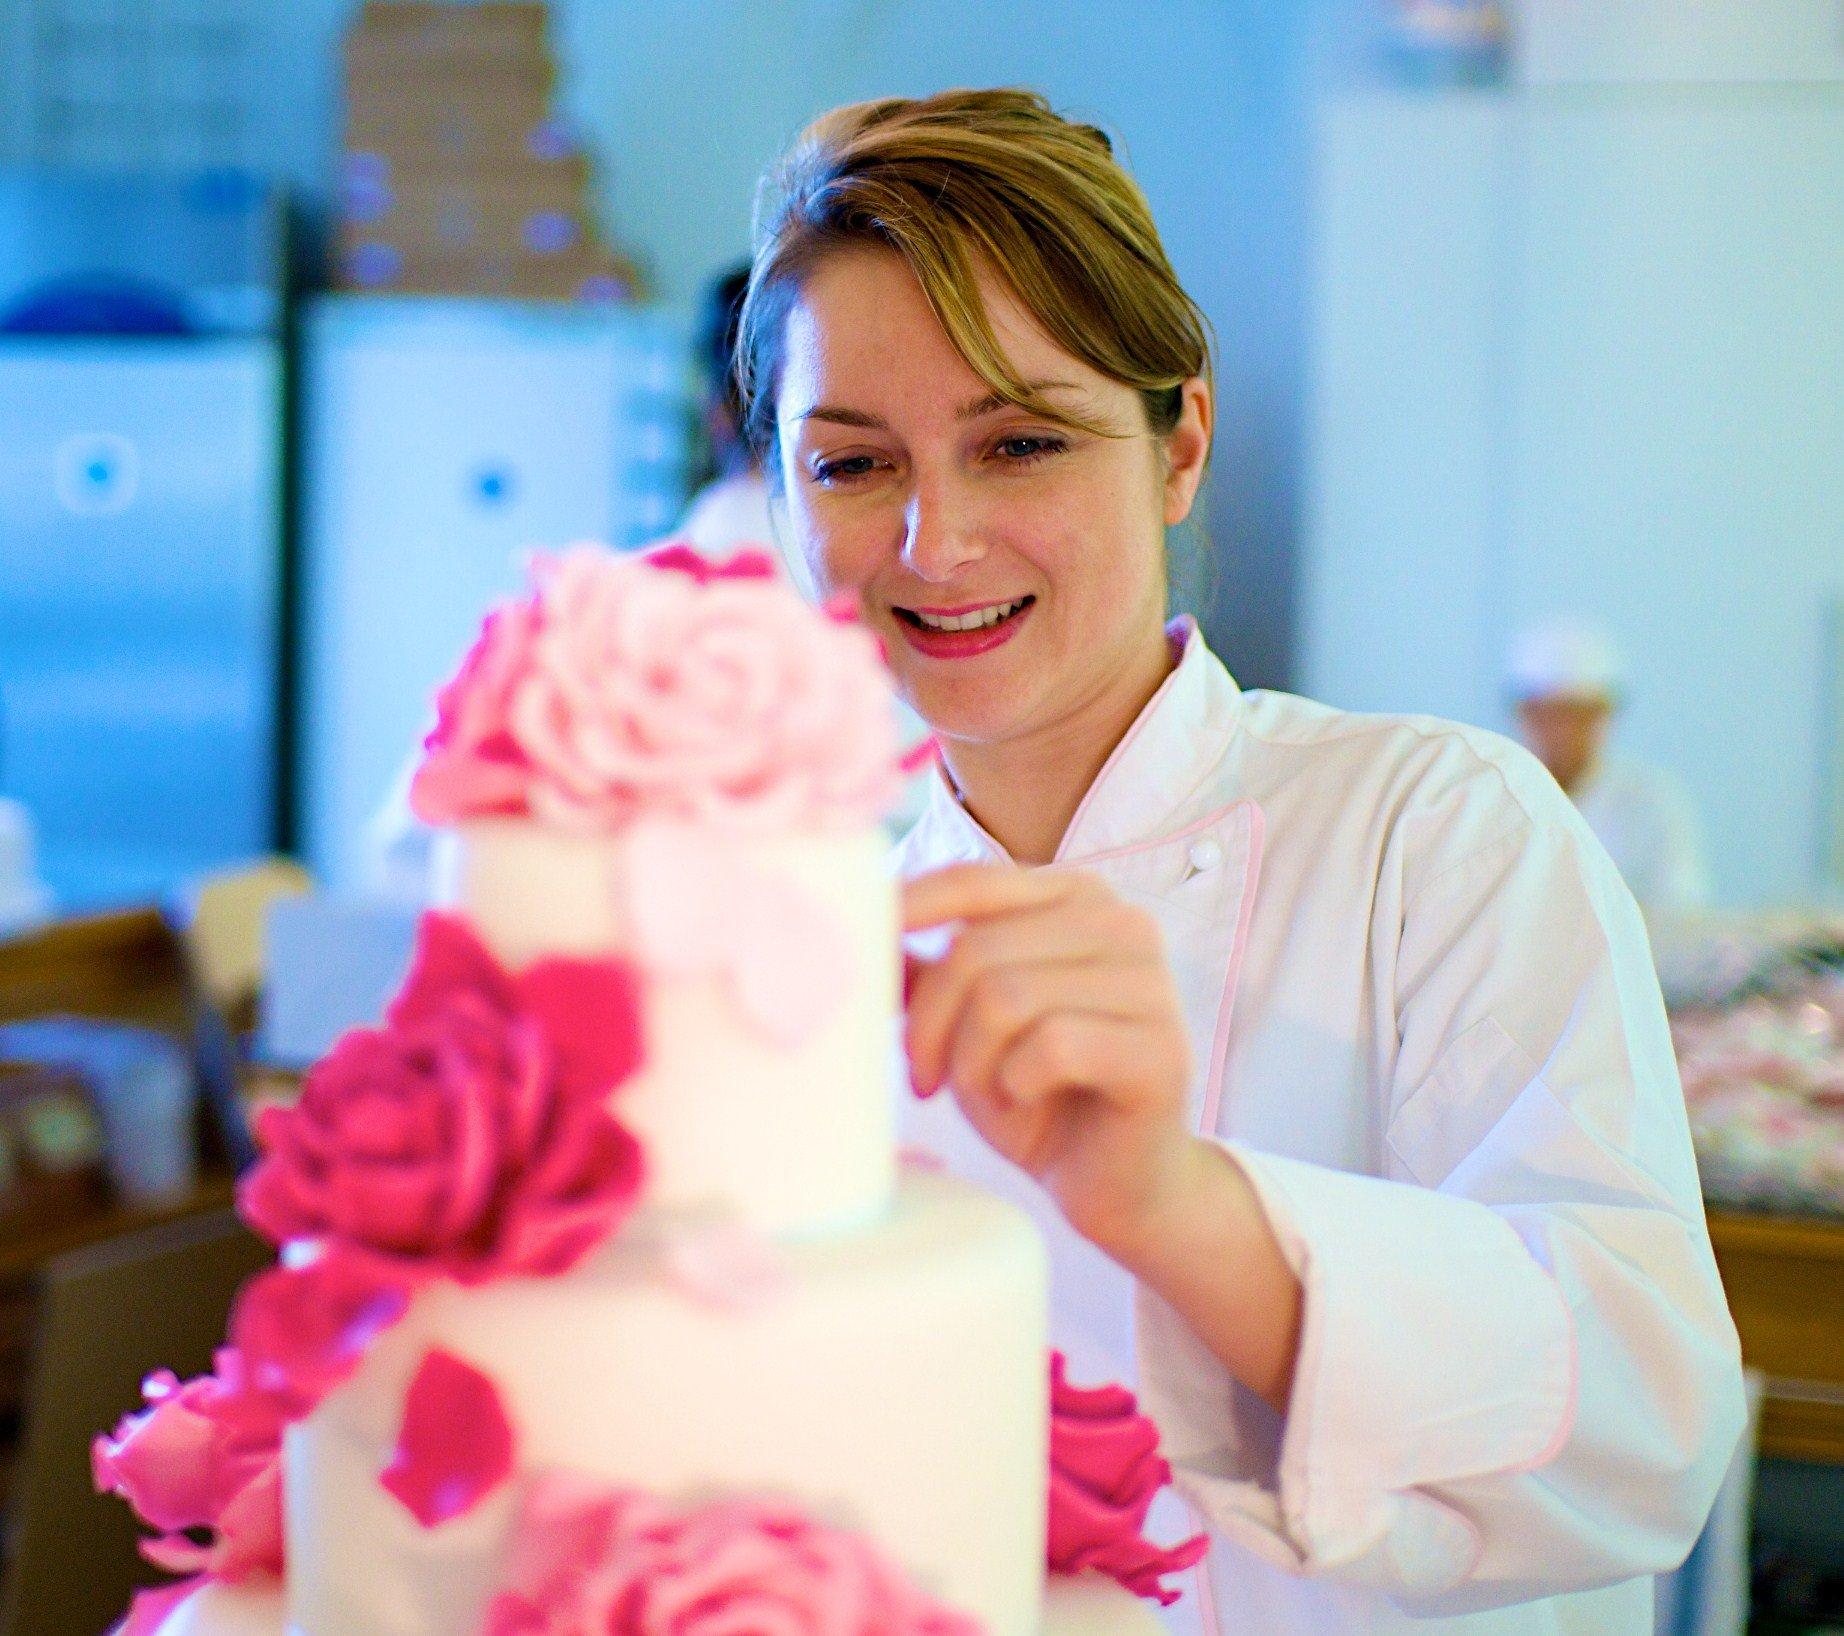 le cordon bleu london alumni peggy porschen queen of cake decorating - Cake Decorator